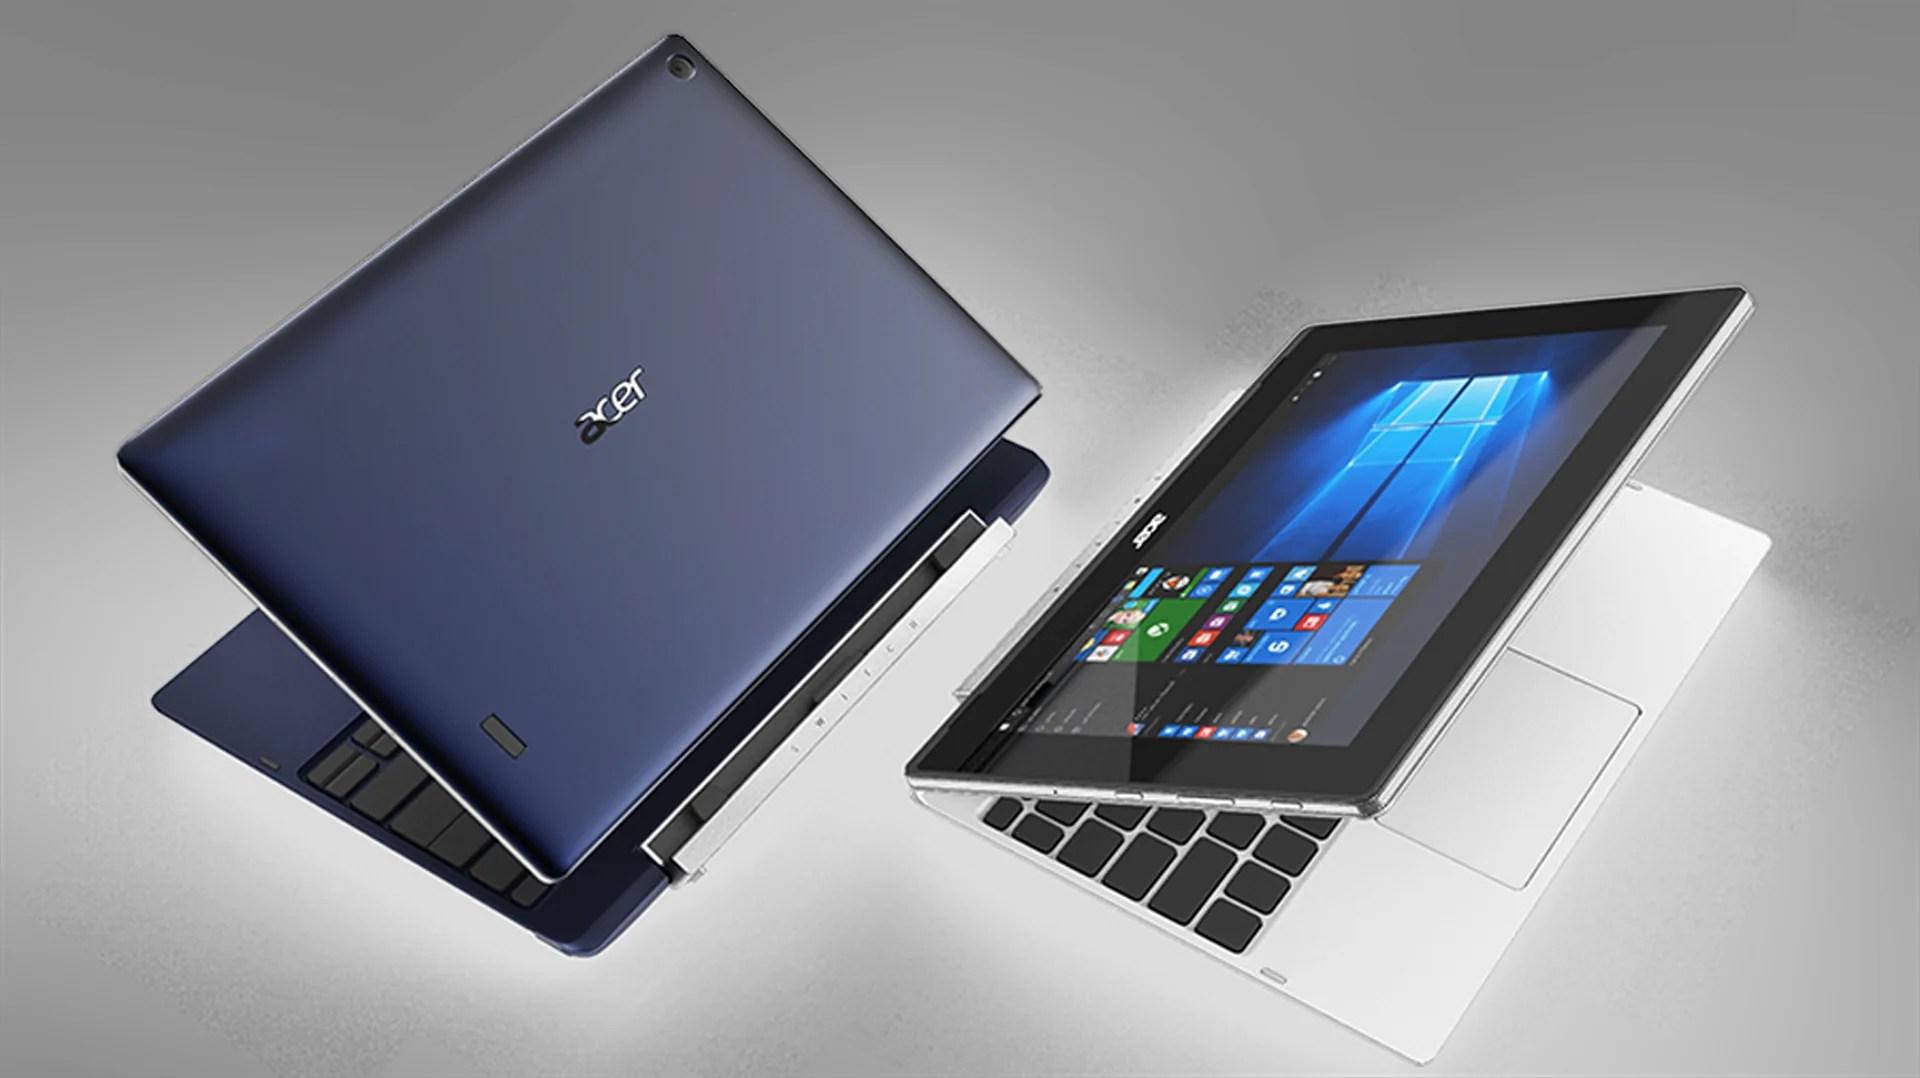 Acer Switch V 10 Windows 10 Device